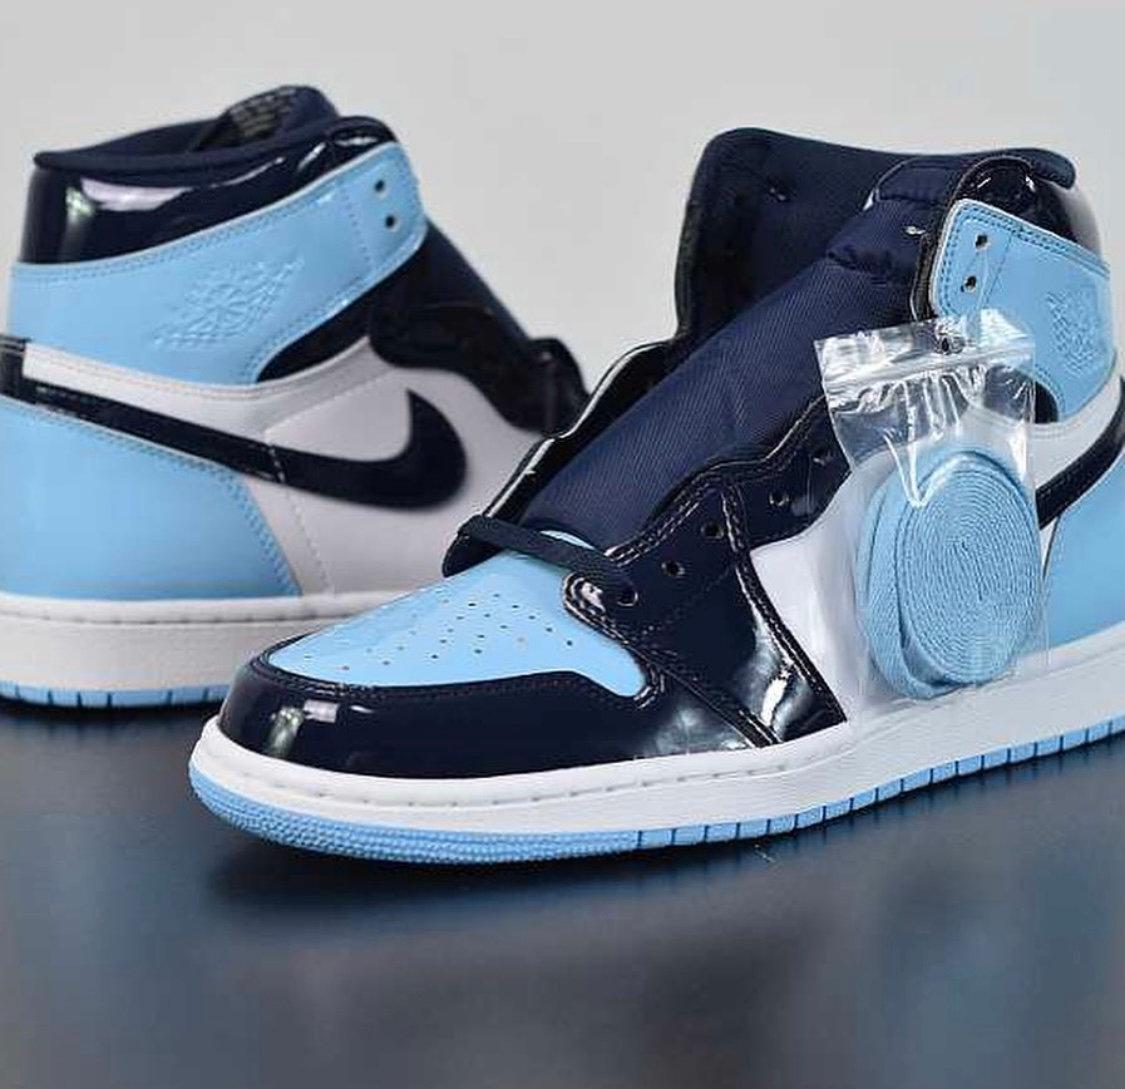 Air Jordan 1 Retro High UNC Patent